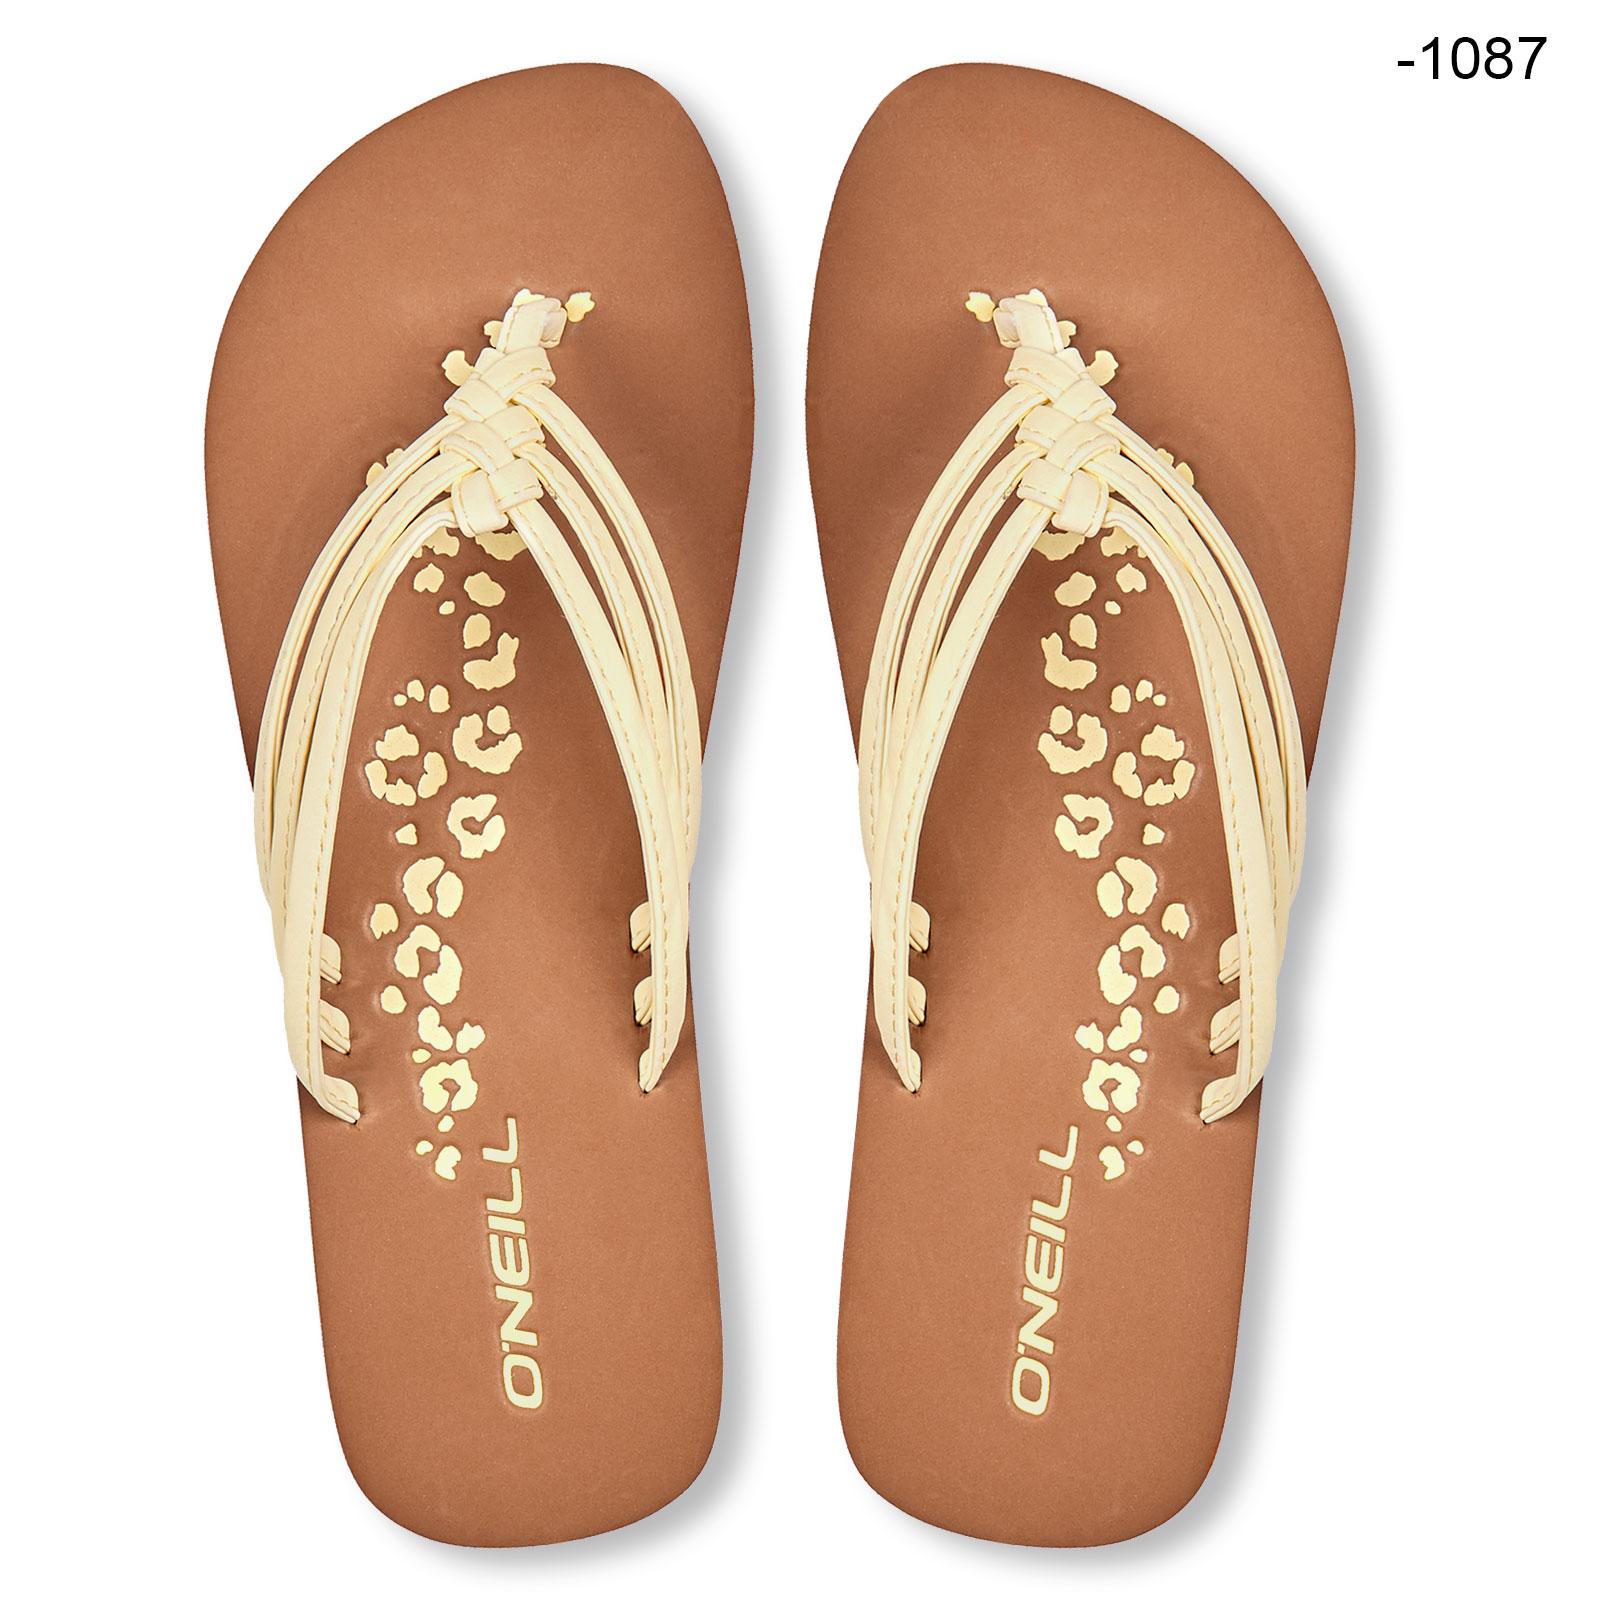 O/'Neill Damen Zehentrenner Standschuhe Badeschuhe Woven Strap Sandalen Farbwahl